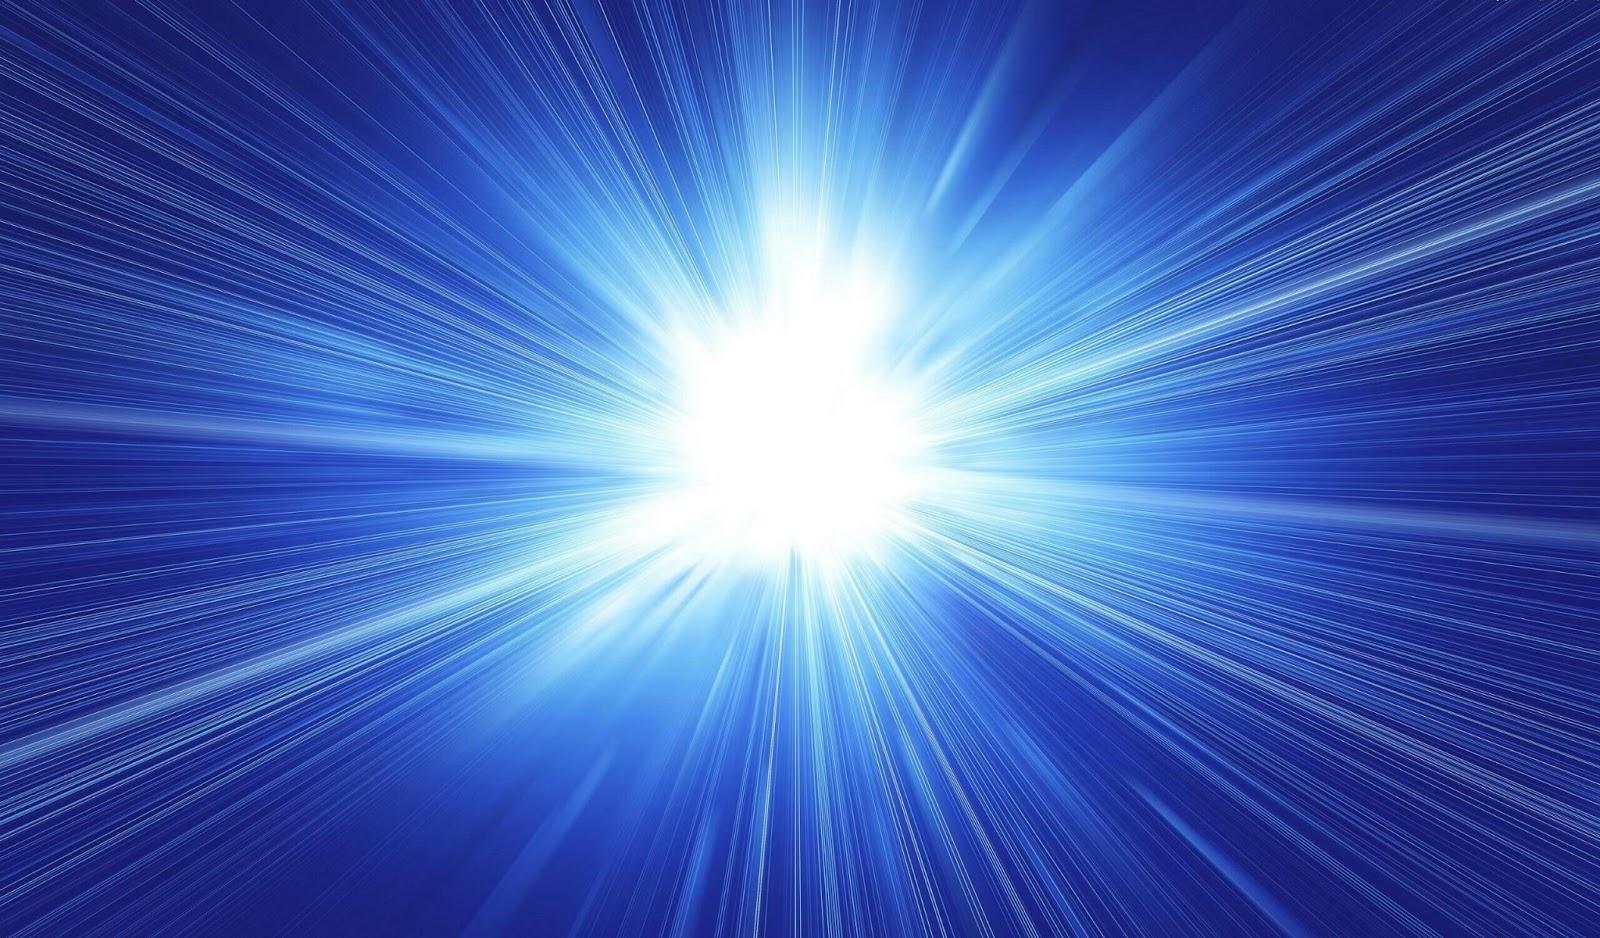 donker-blauwe-abstracte-achtergrond-met-wit-licht.jpg